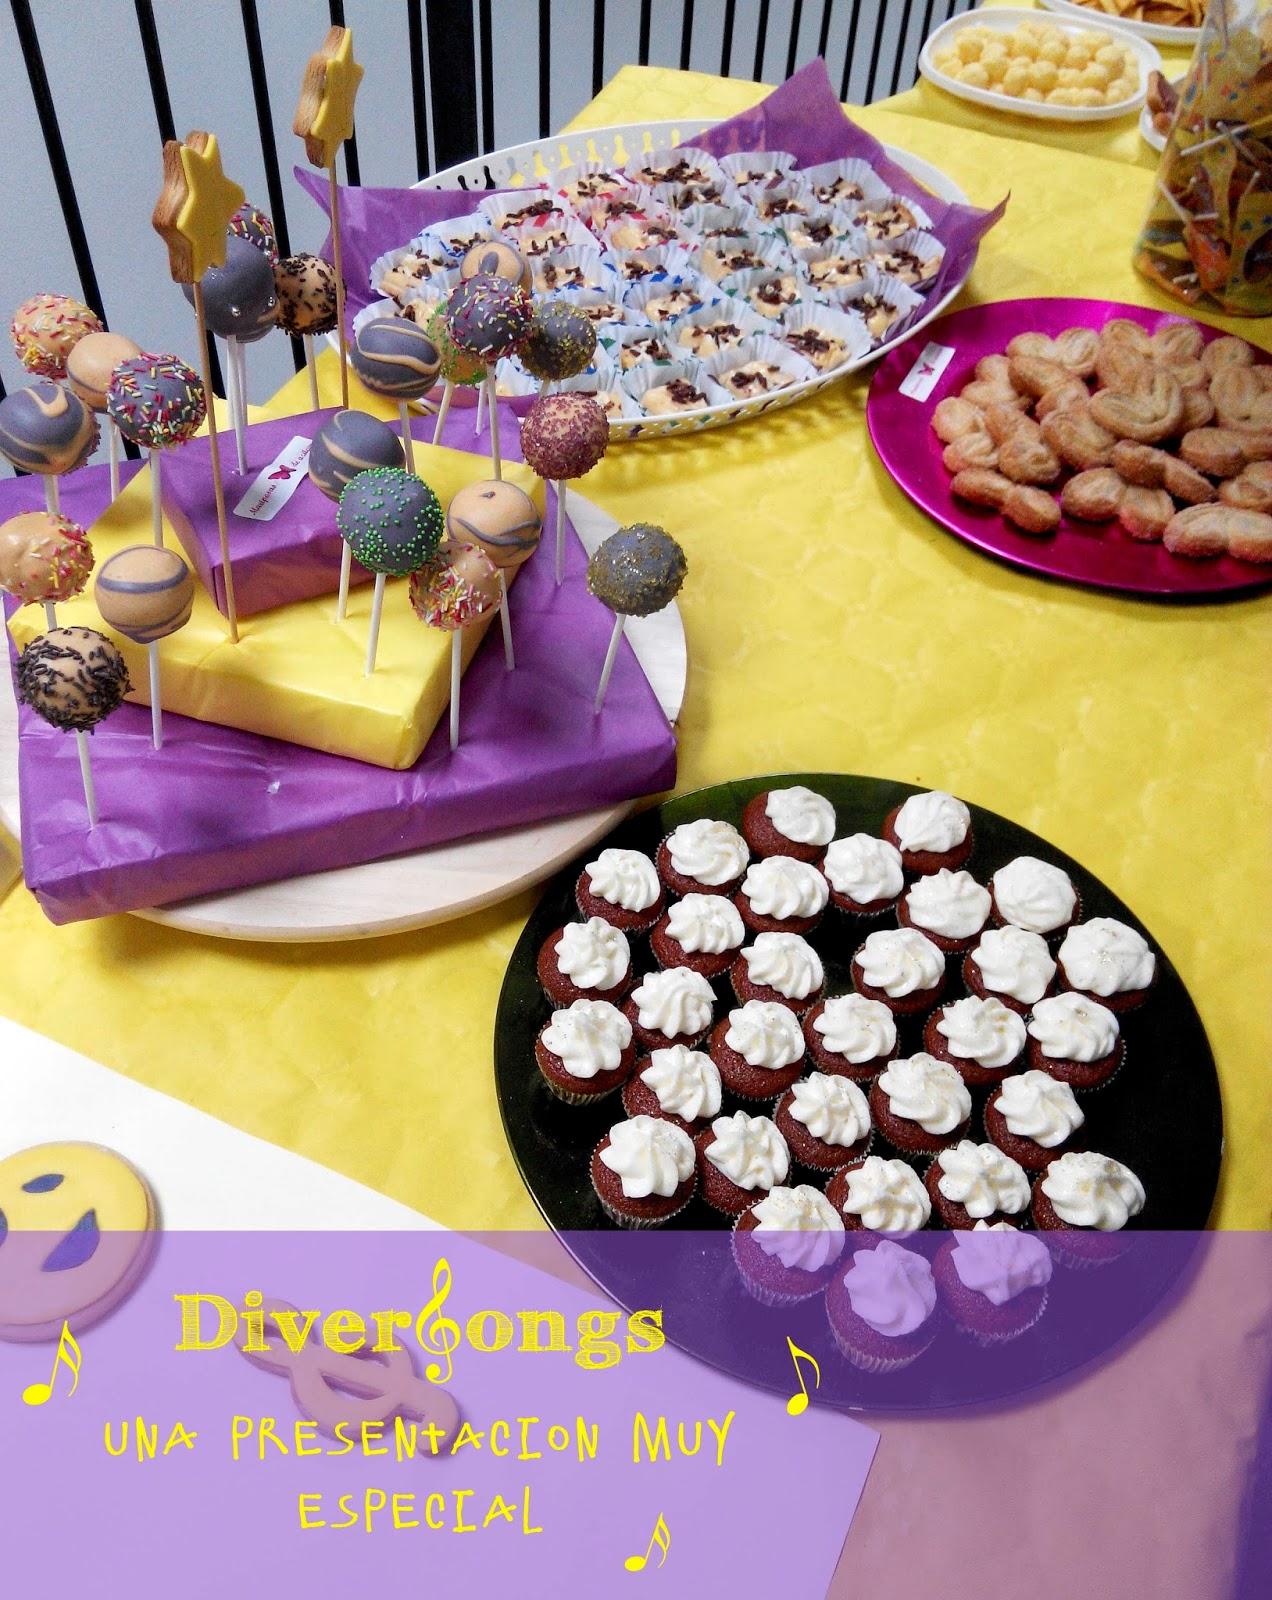 Diversongs, canciones divertidas en inglés para niños. Disfruta con Lentechuela y Cocorico. Dulces, cakepops, palmeritas, cupcakes, galletas by Mariposas de Azúcar